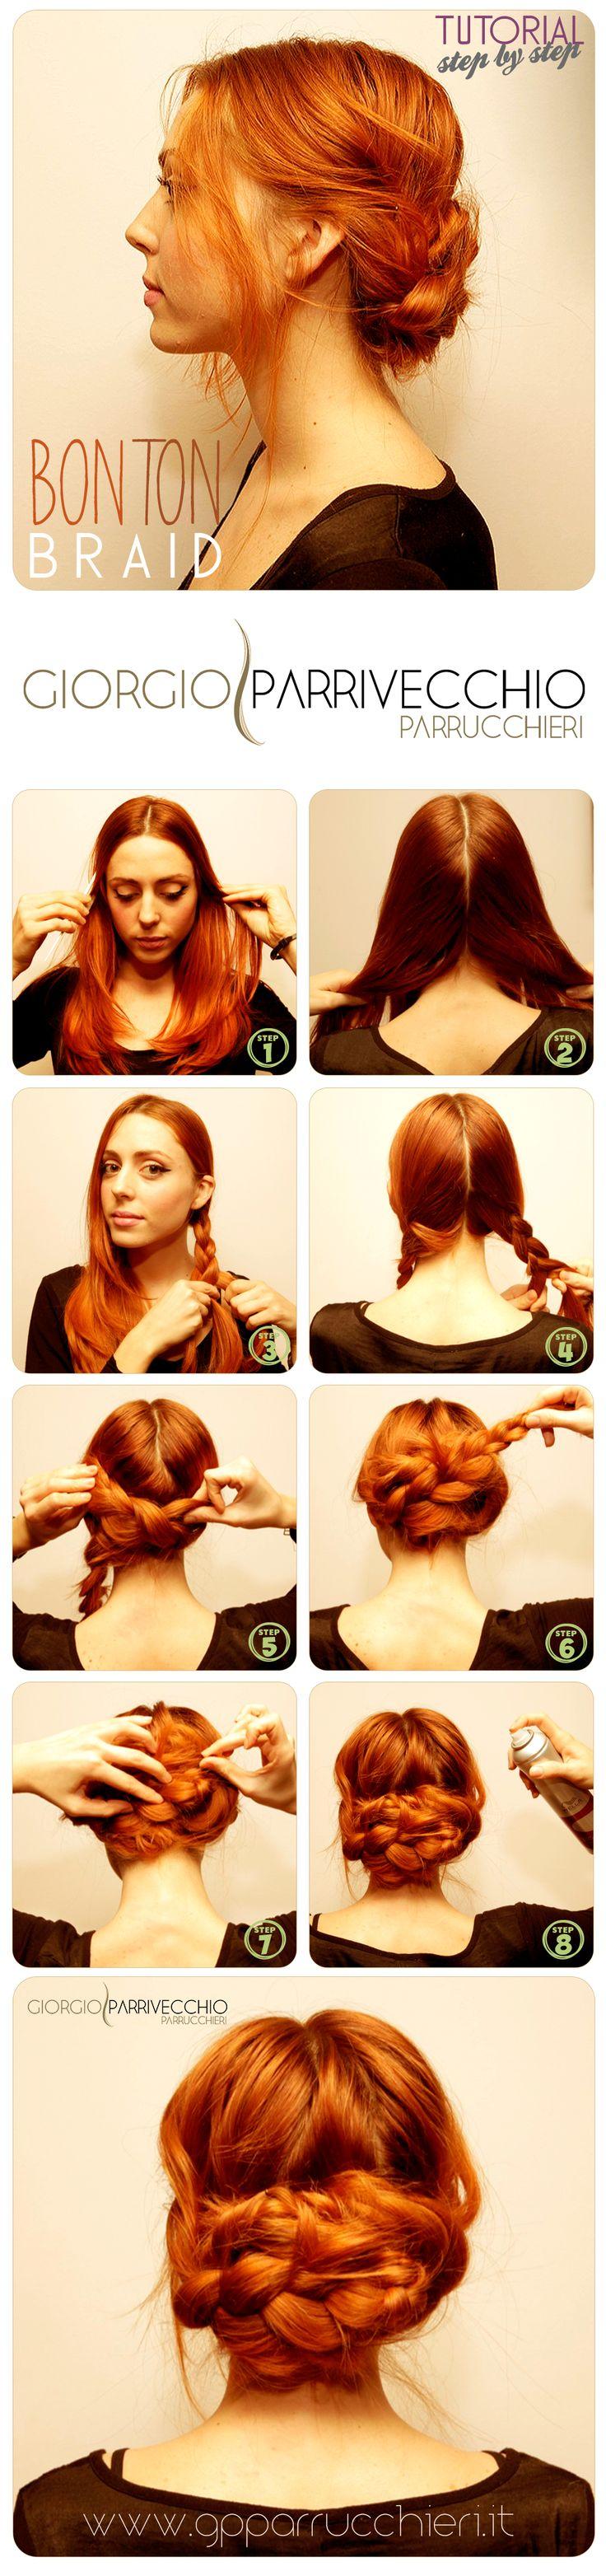 Nuovo #Tutorial: Bon Ton #braid… per chi desidera sperimentare nuovi look!!! Segui passo passo i consigli di Angela Fiorella Art Director del team GP Parrucchieri!!! Provaci anche TU e condividi la tua #bontonbraid… #gpforyou #gpparrucchieri #fototutorial #hairtutorial #hair